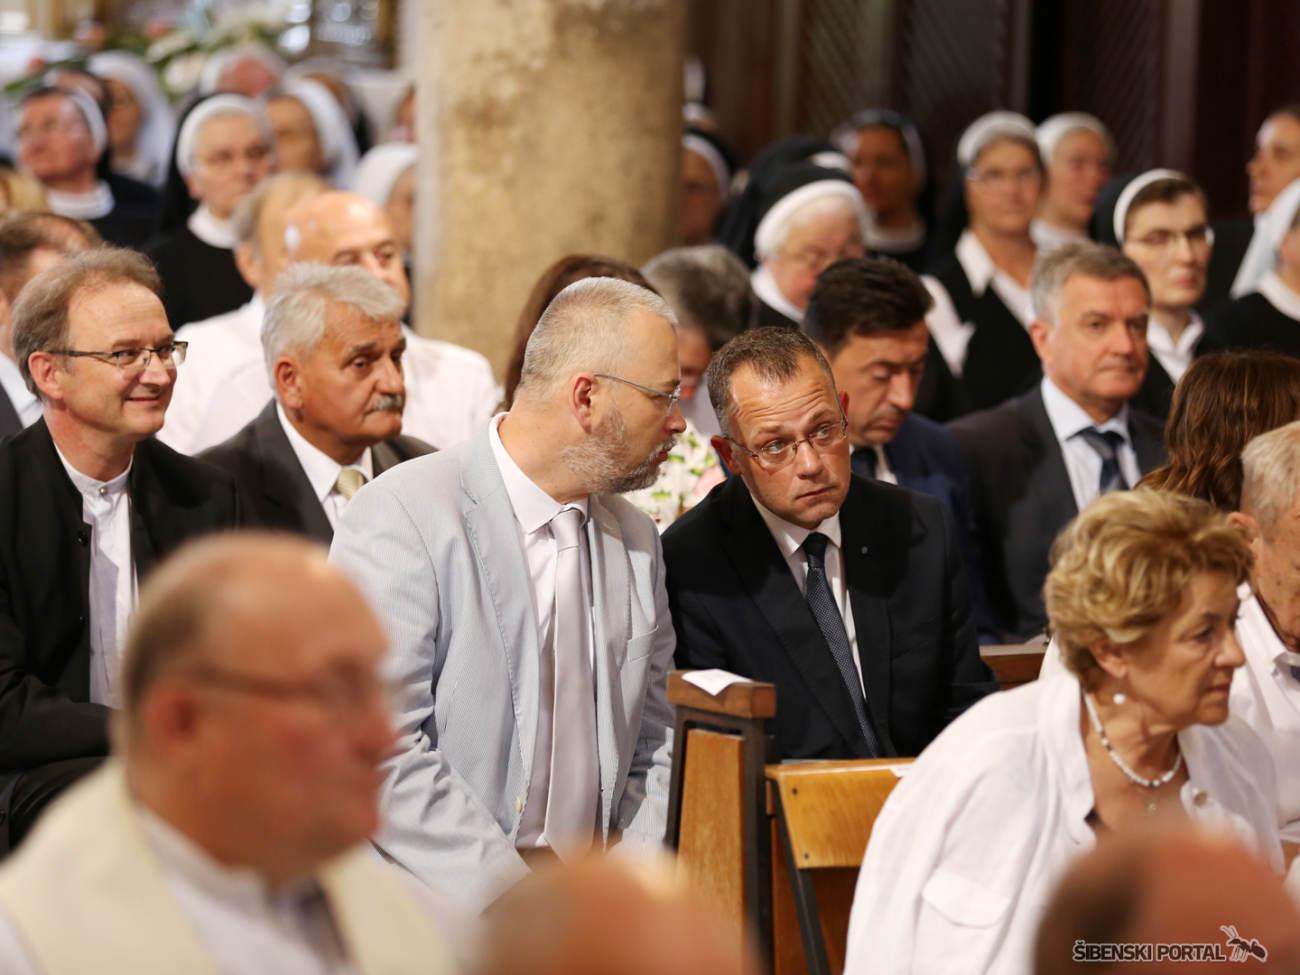 zaredenje biskupa tomislava rogica zlatko hasanbegovic 250716 1